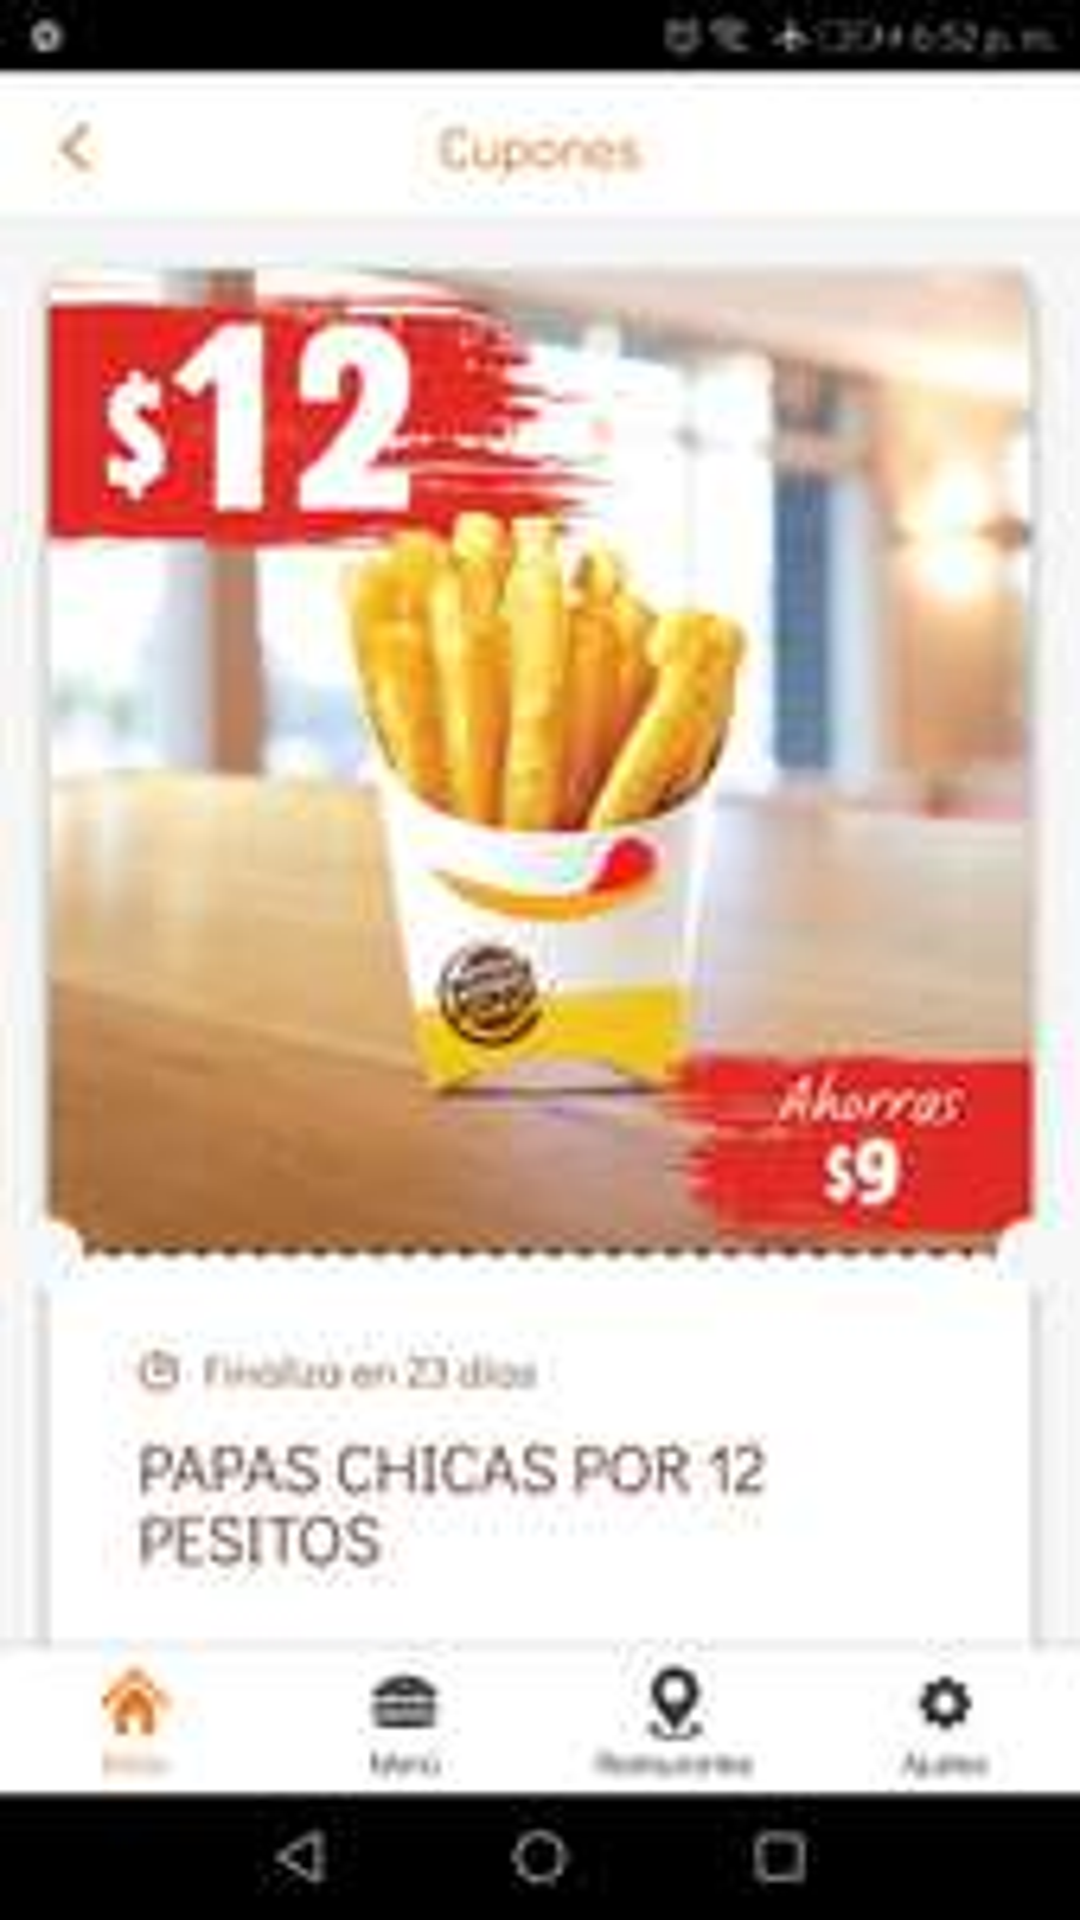 Burger King App: Nuevos cupones